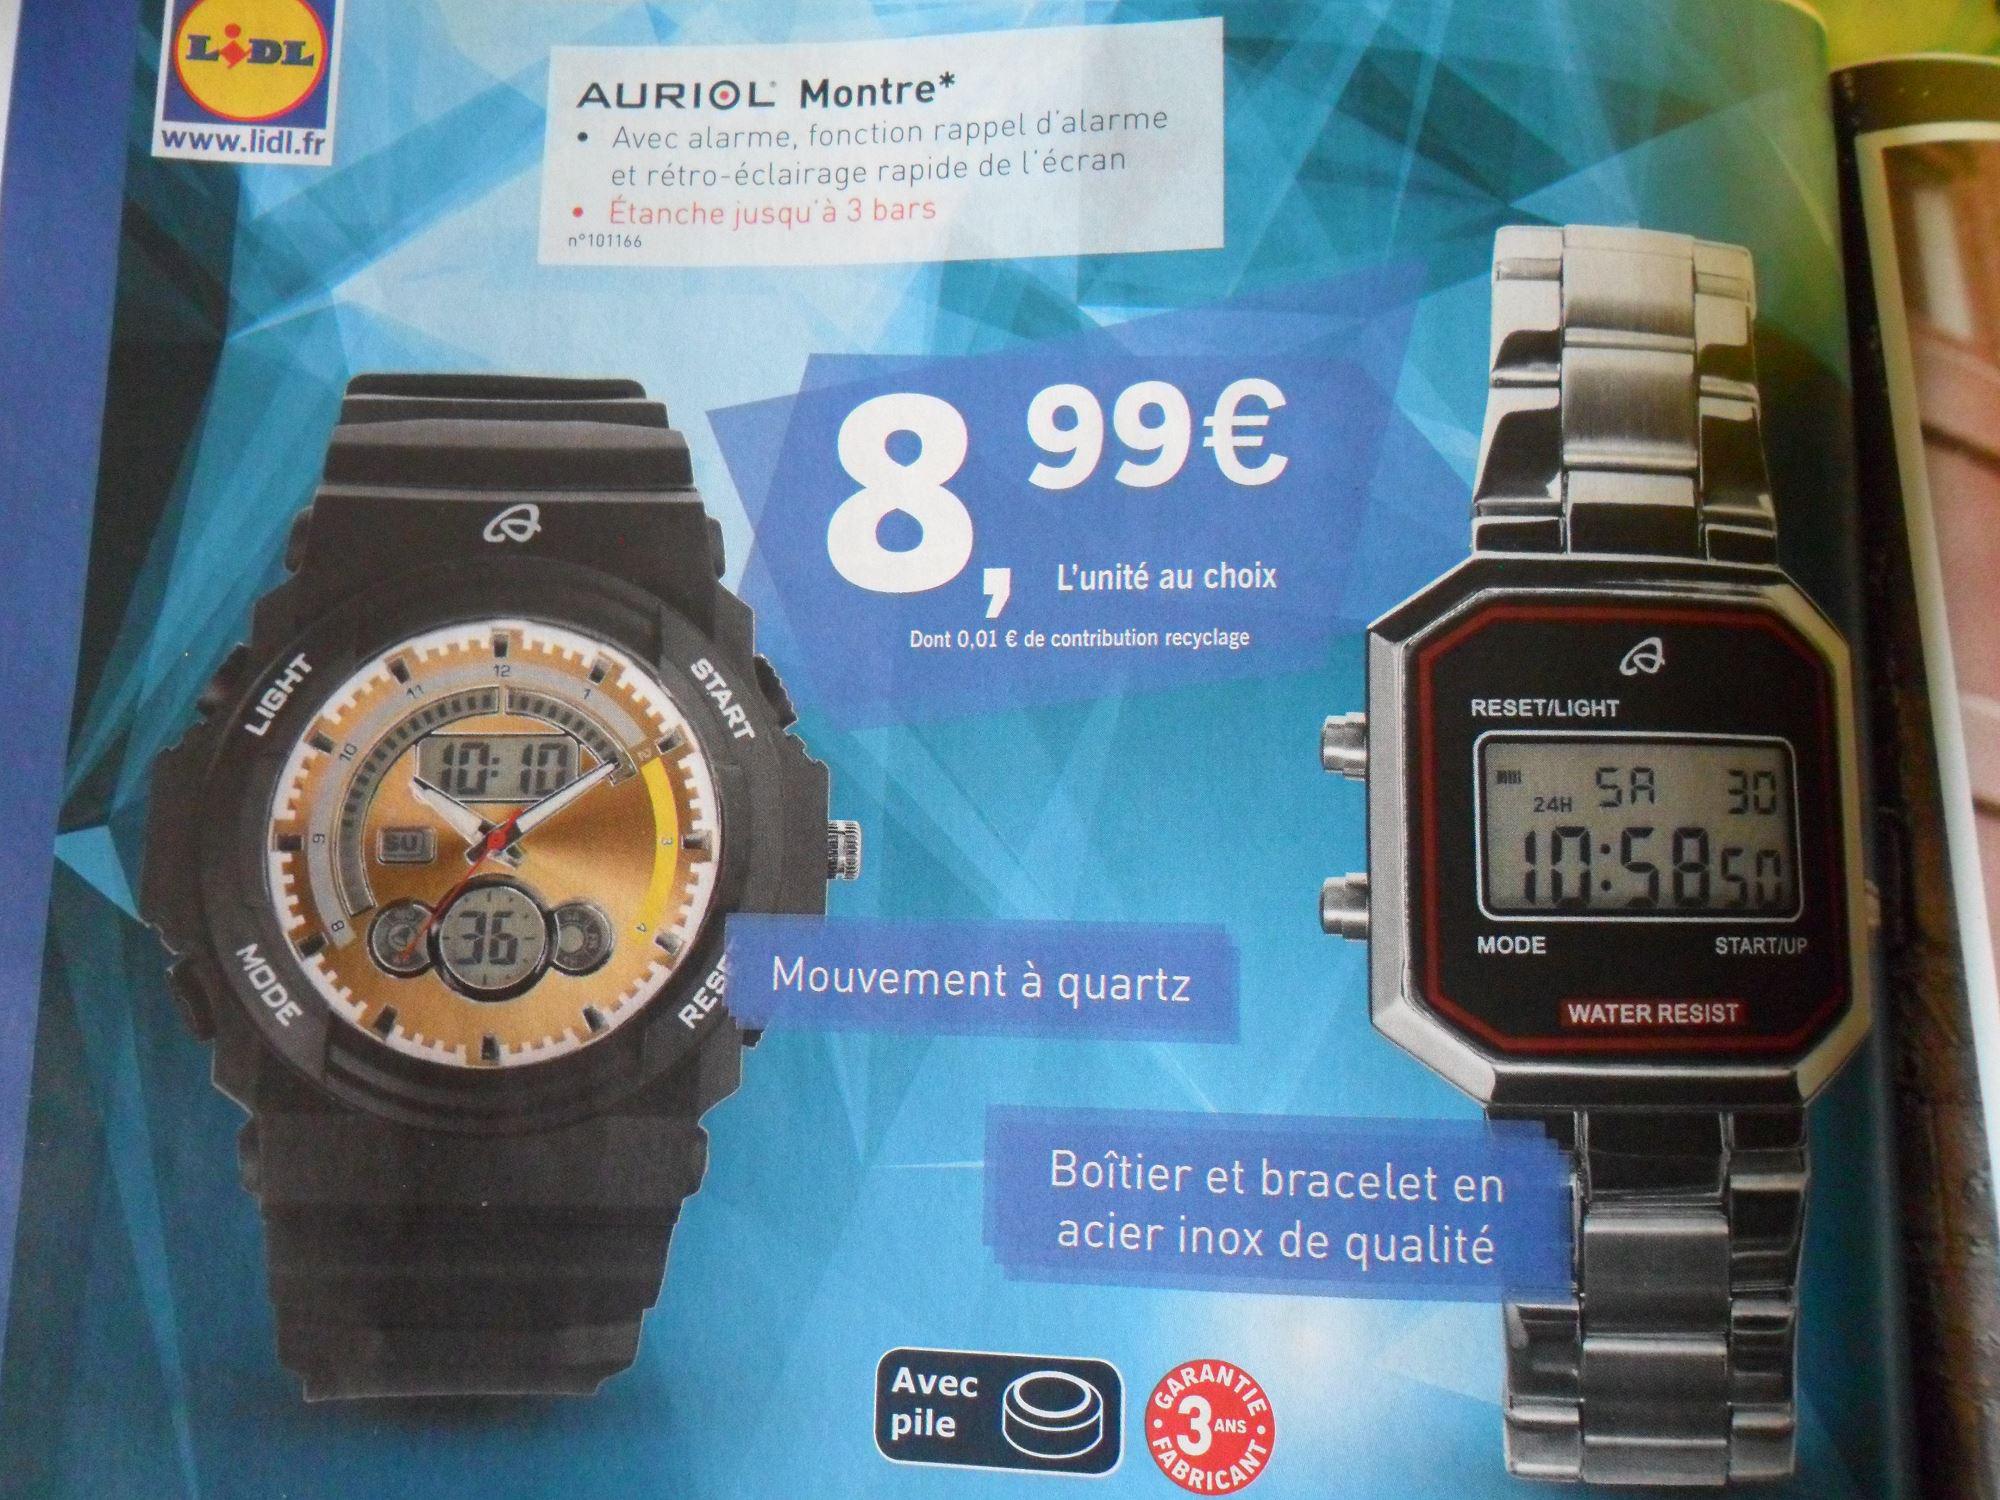 Montre Auriol  2 modèles garantie 3 ans au choix